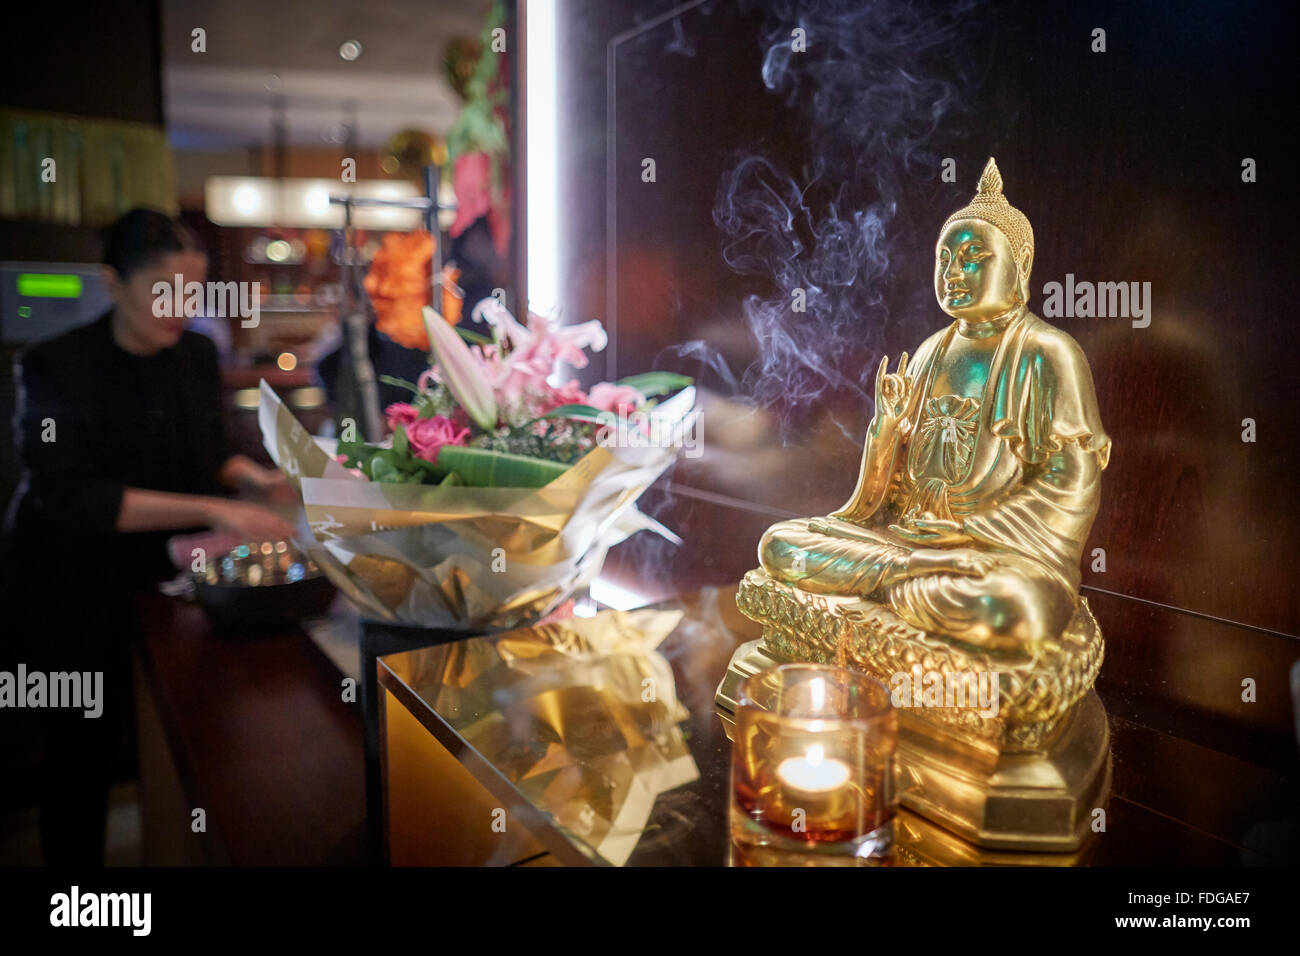 Busaba ristorante Thailandese esterno a Manchester Printworks pasti al ristorante food mangiare mangiare bere menu Immagini Stock